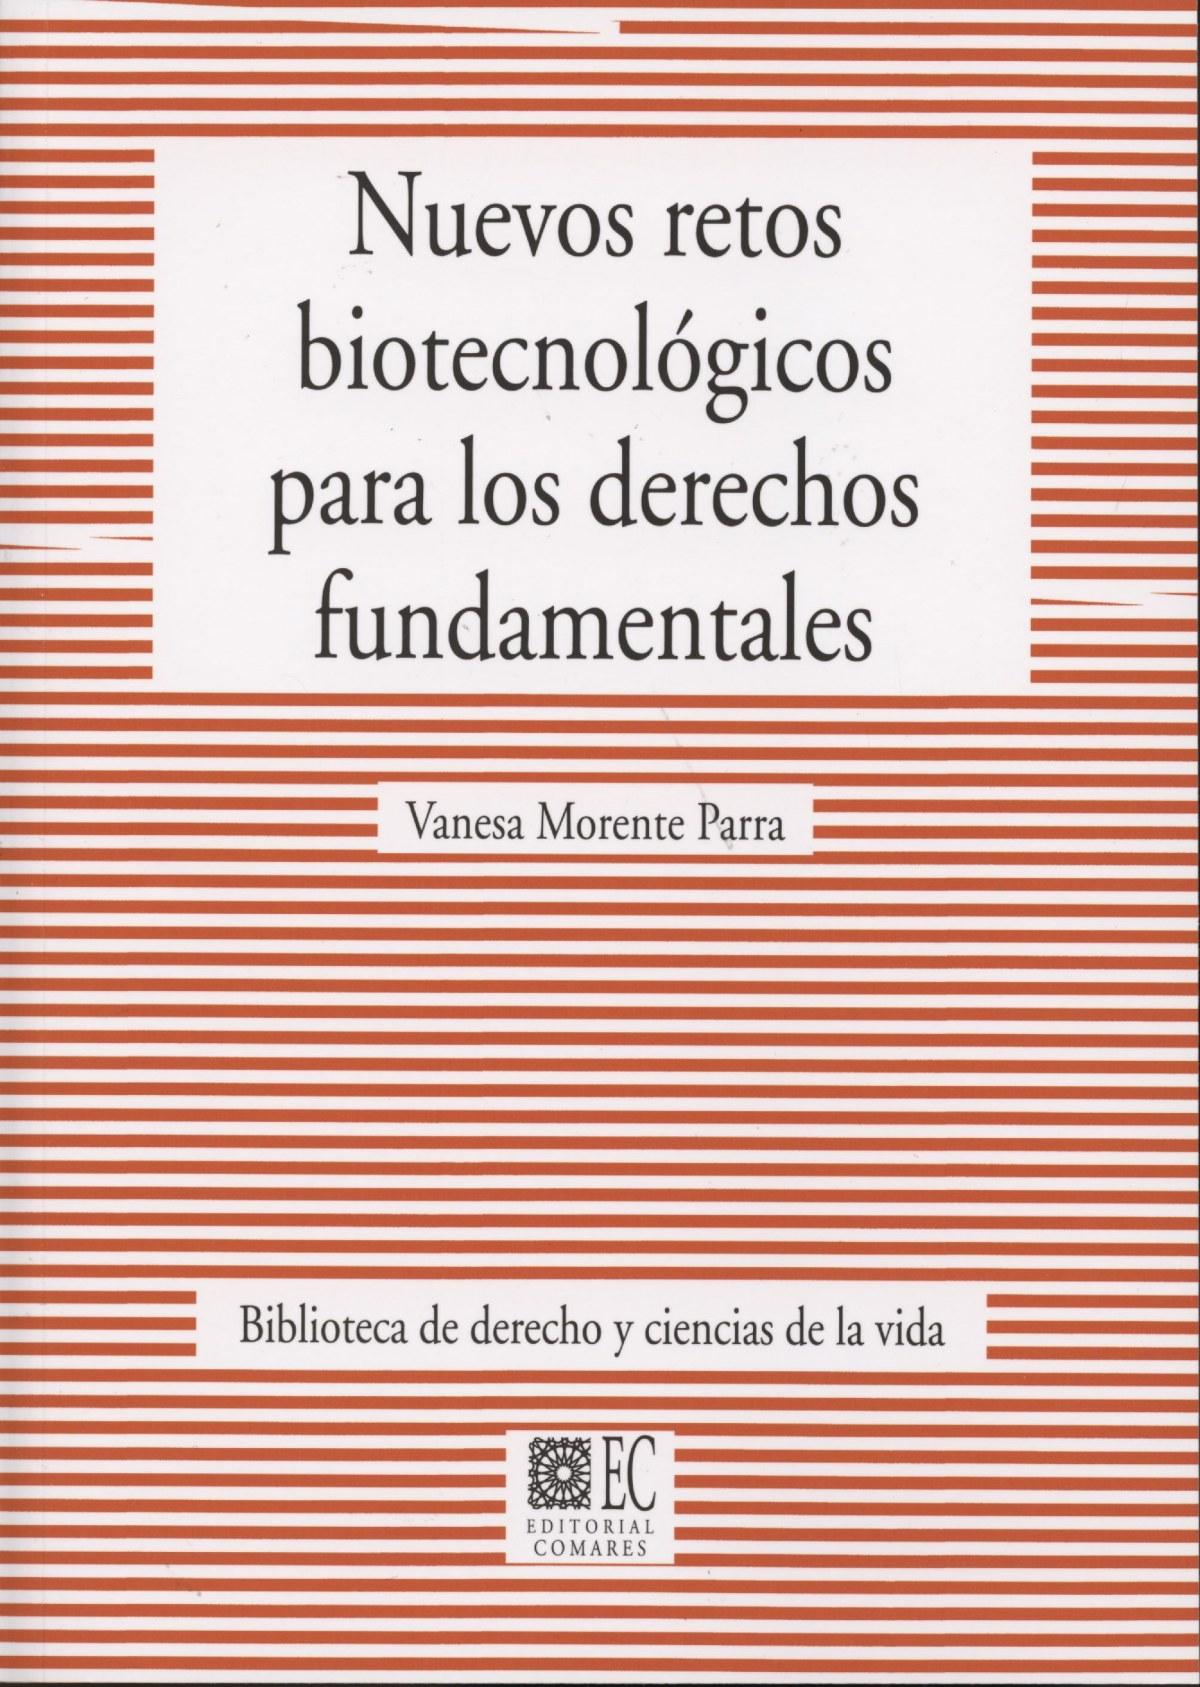 Nuevos retos biotecnol¢gicos para los derechos fundamentales